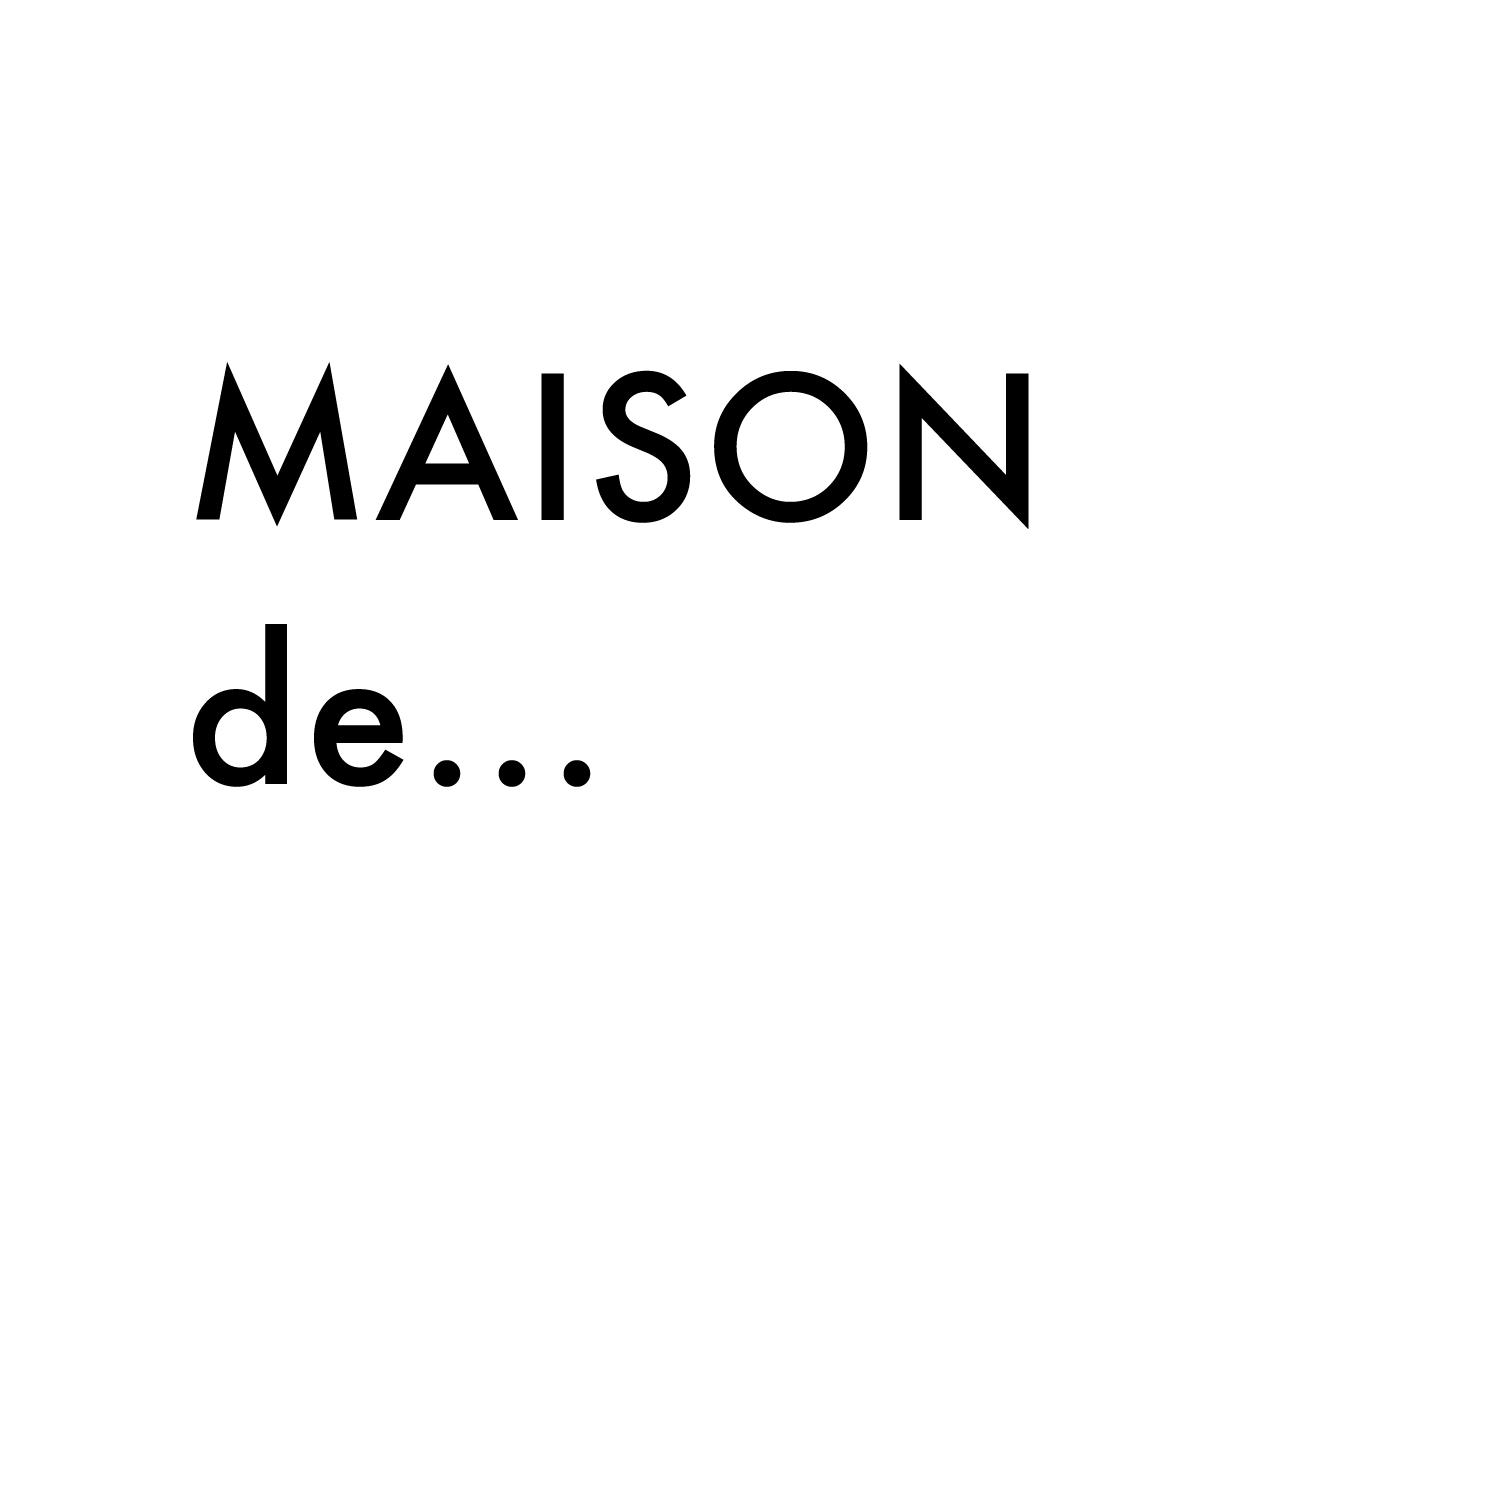 MAISON de...